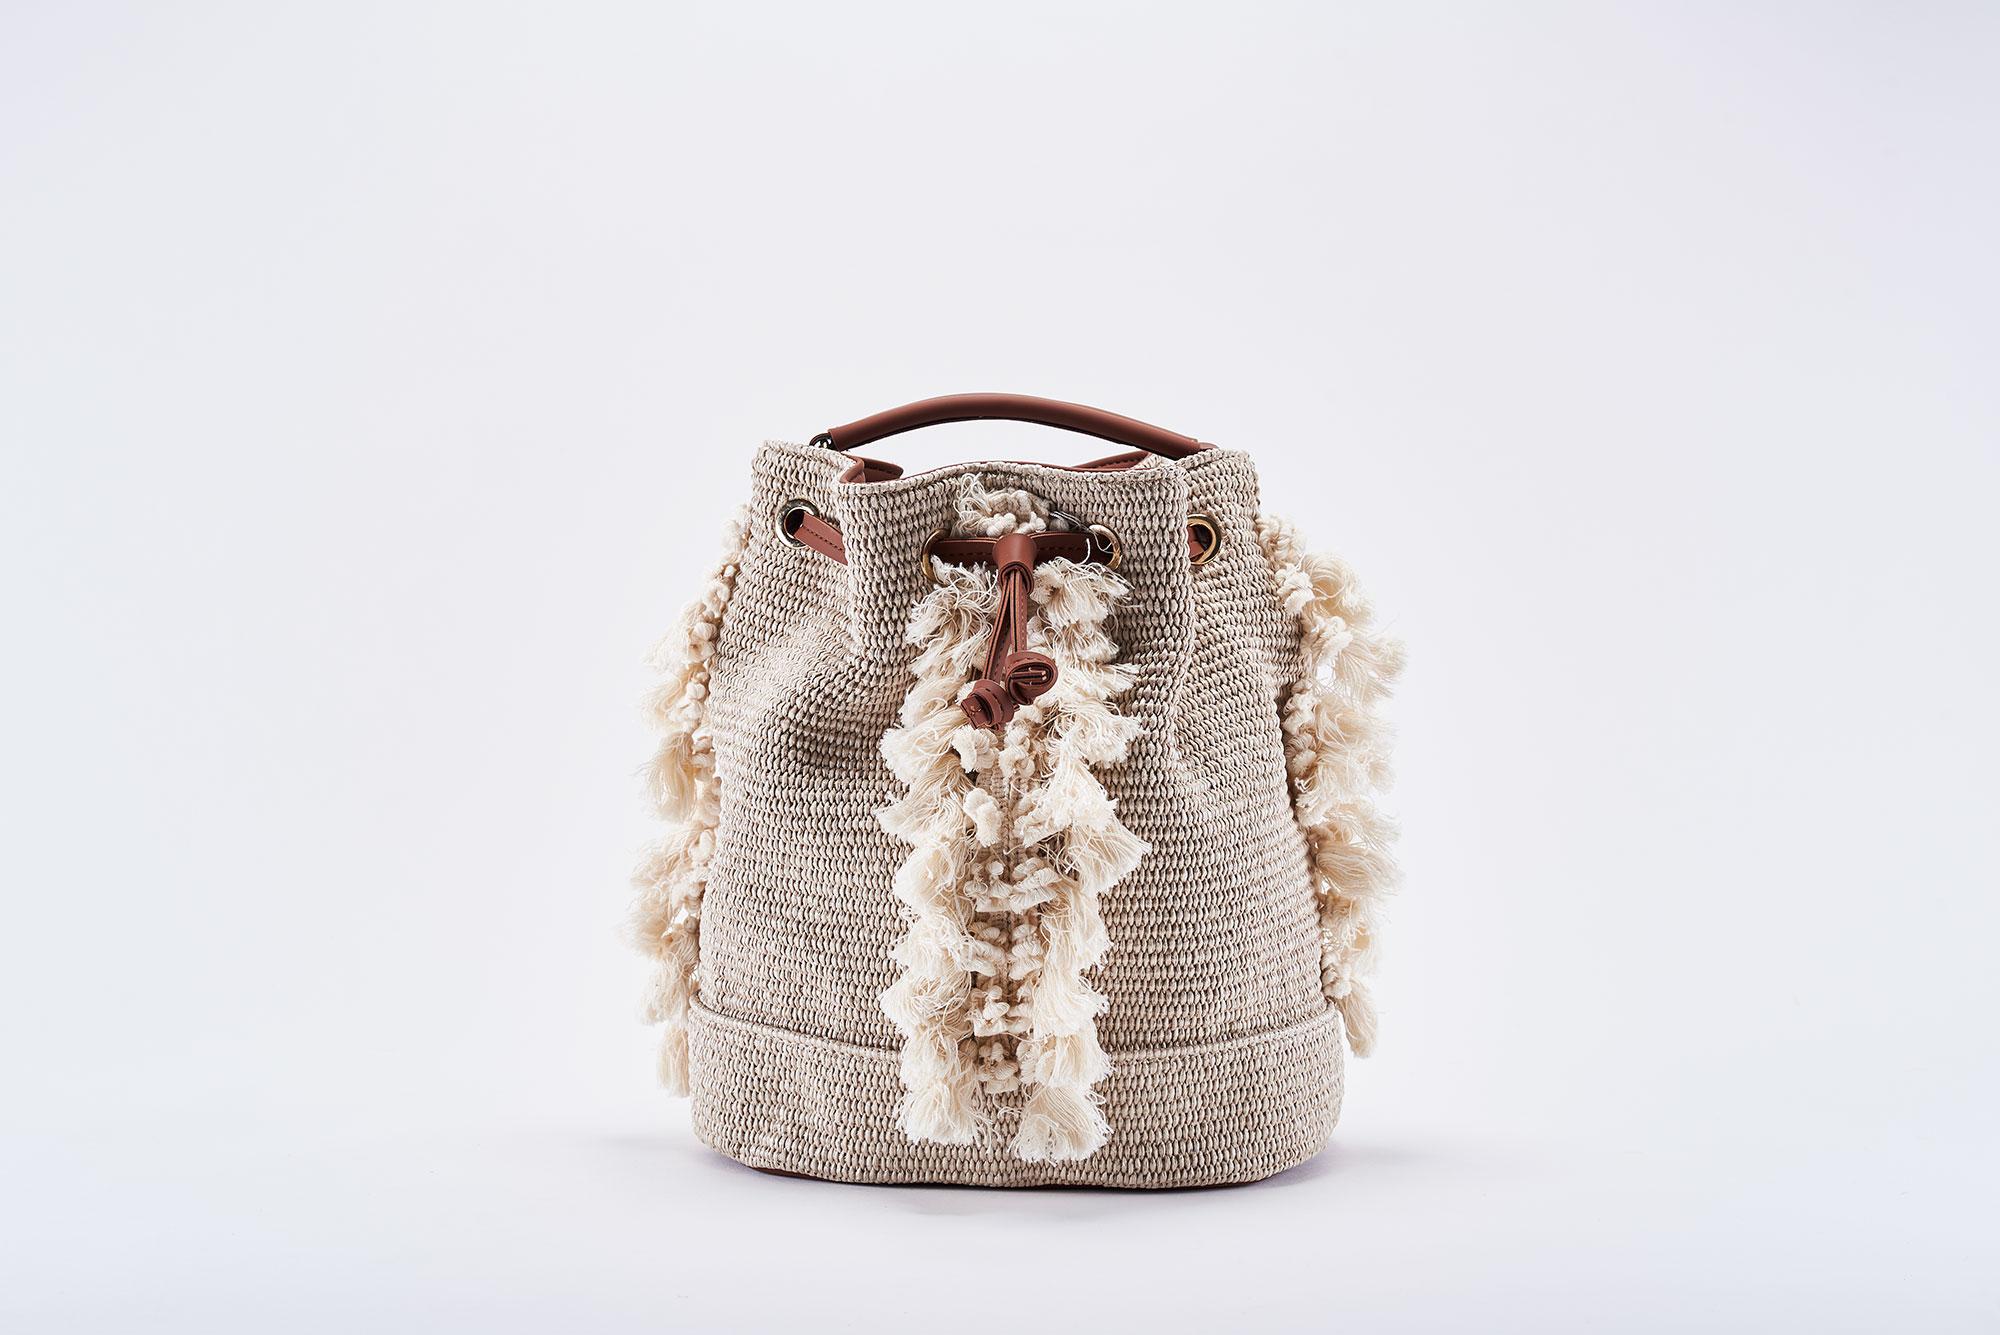 Basket-Rafia-S06-viamailbag